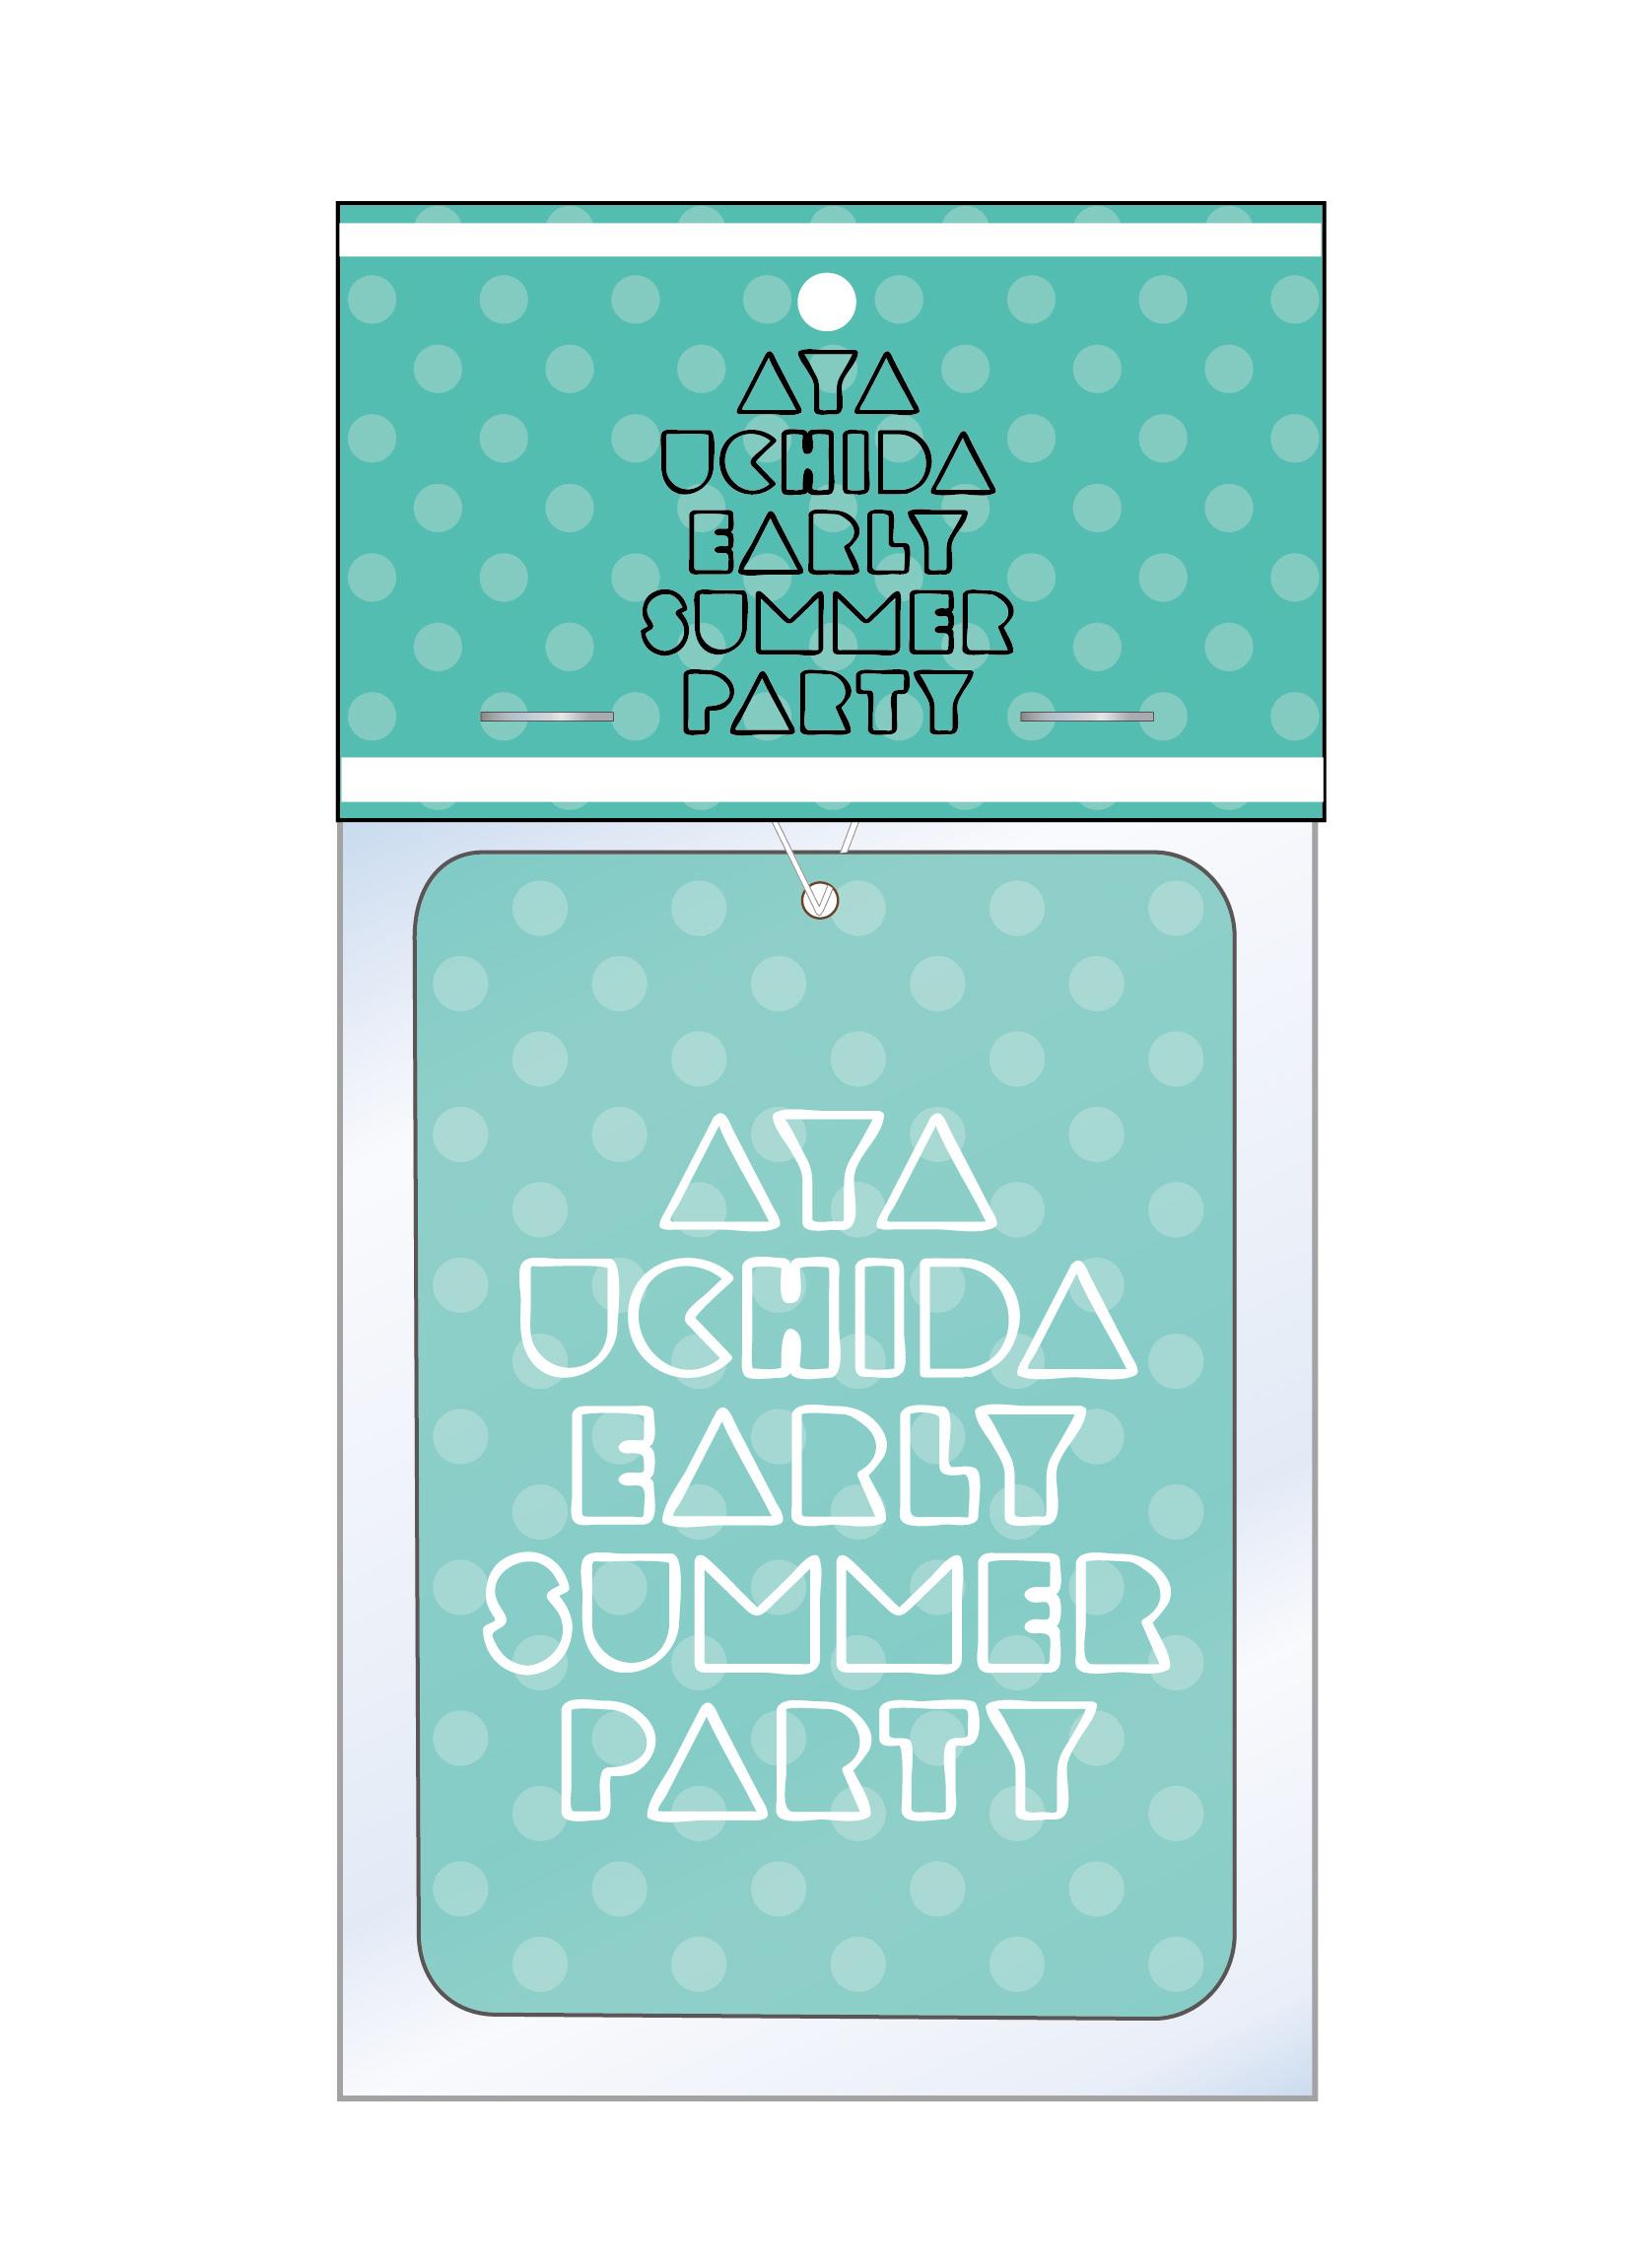 AYA UCHIDA Early summer Party ~SUMILE SMILE~ /~Everlasting parade~ ア-リ-サマ-パ-ティ-オリジナルフレグランス ※フレグランスカード付(カードには香りは付いておりません)